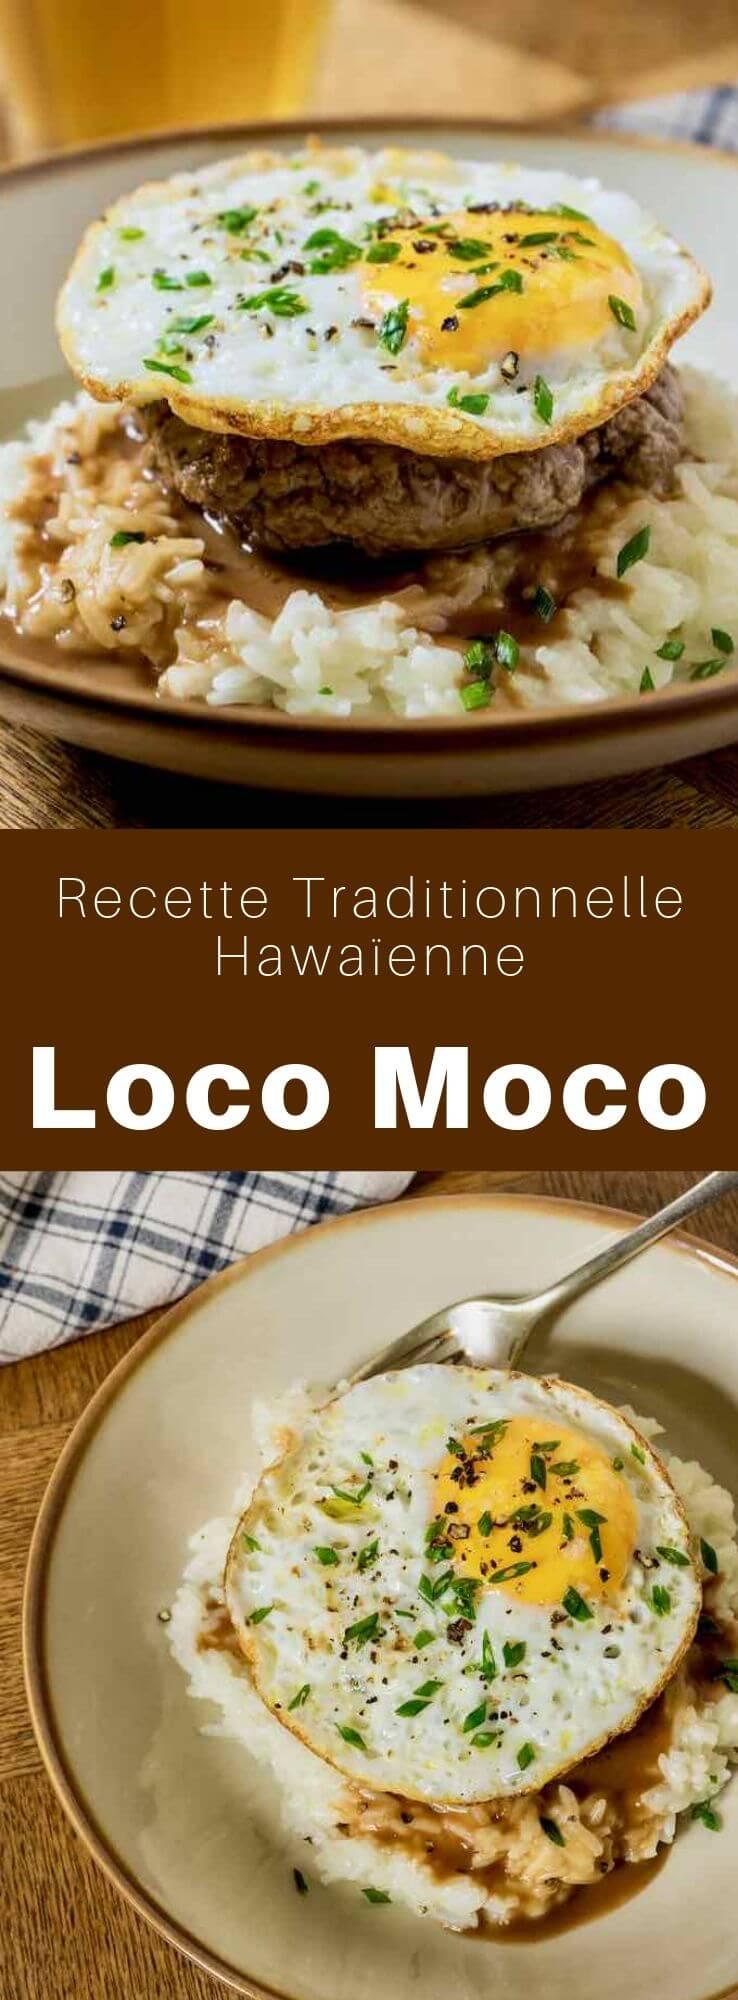 Le loco moco est un plat de la cuisine hawaïenne composé de riz blanc surmonté d'un steak haché, d'un œuf sur le plat et de jus de viande. #Hawai #RecetteHawaienne #CuisineHawaienne #CuisineDuMonde #196flavors